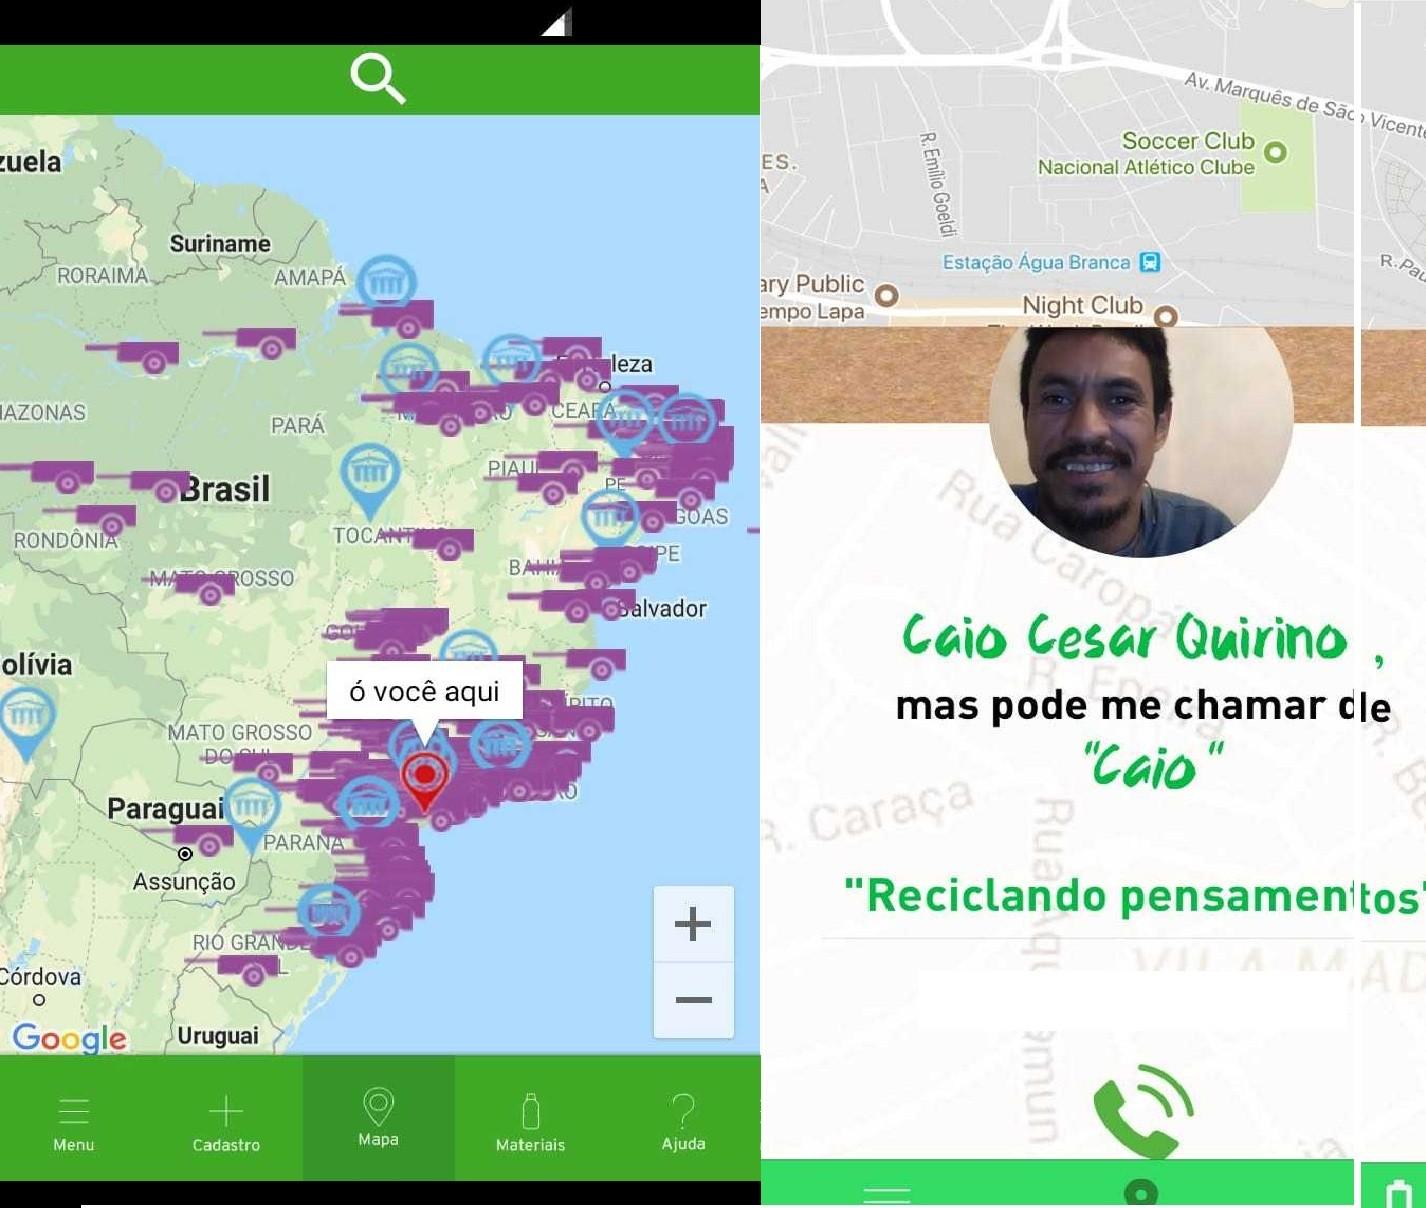 Interface de localização e catador no app Cataki (Foto: Reprodução/Cataki)